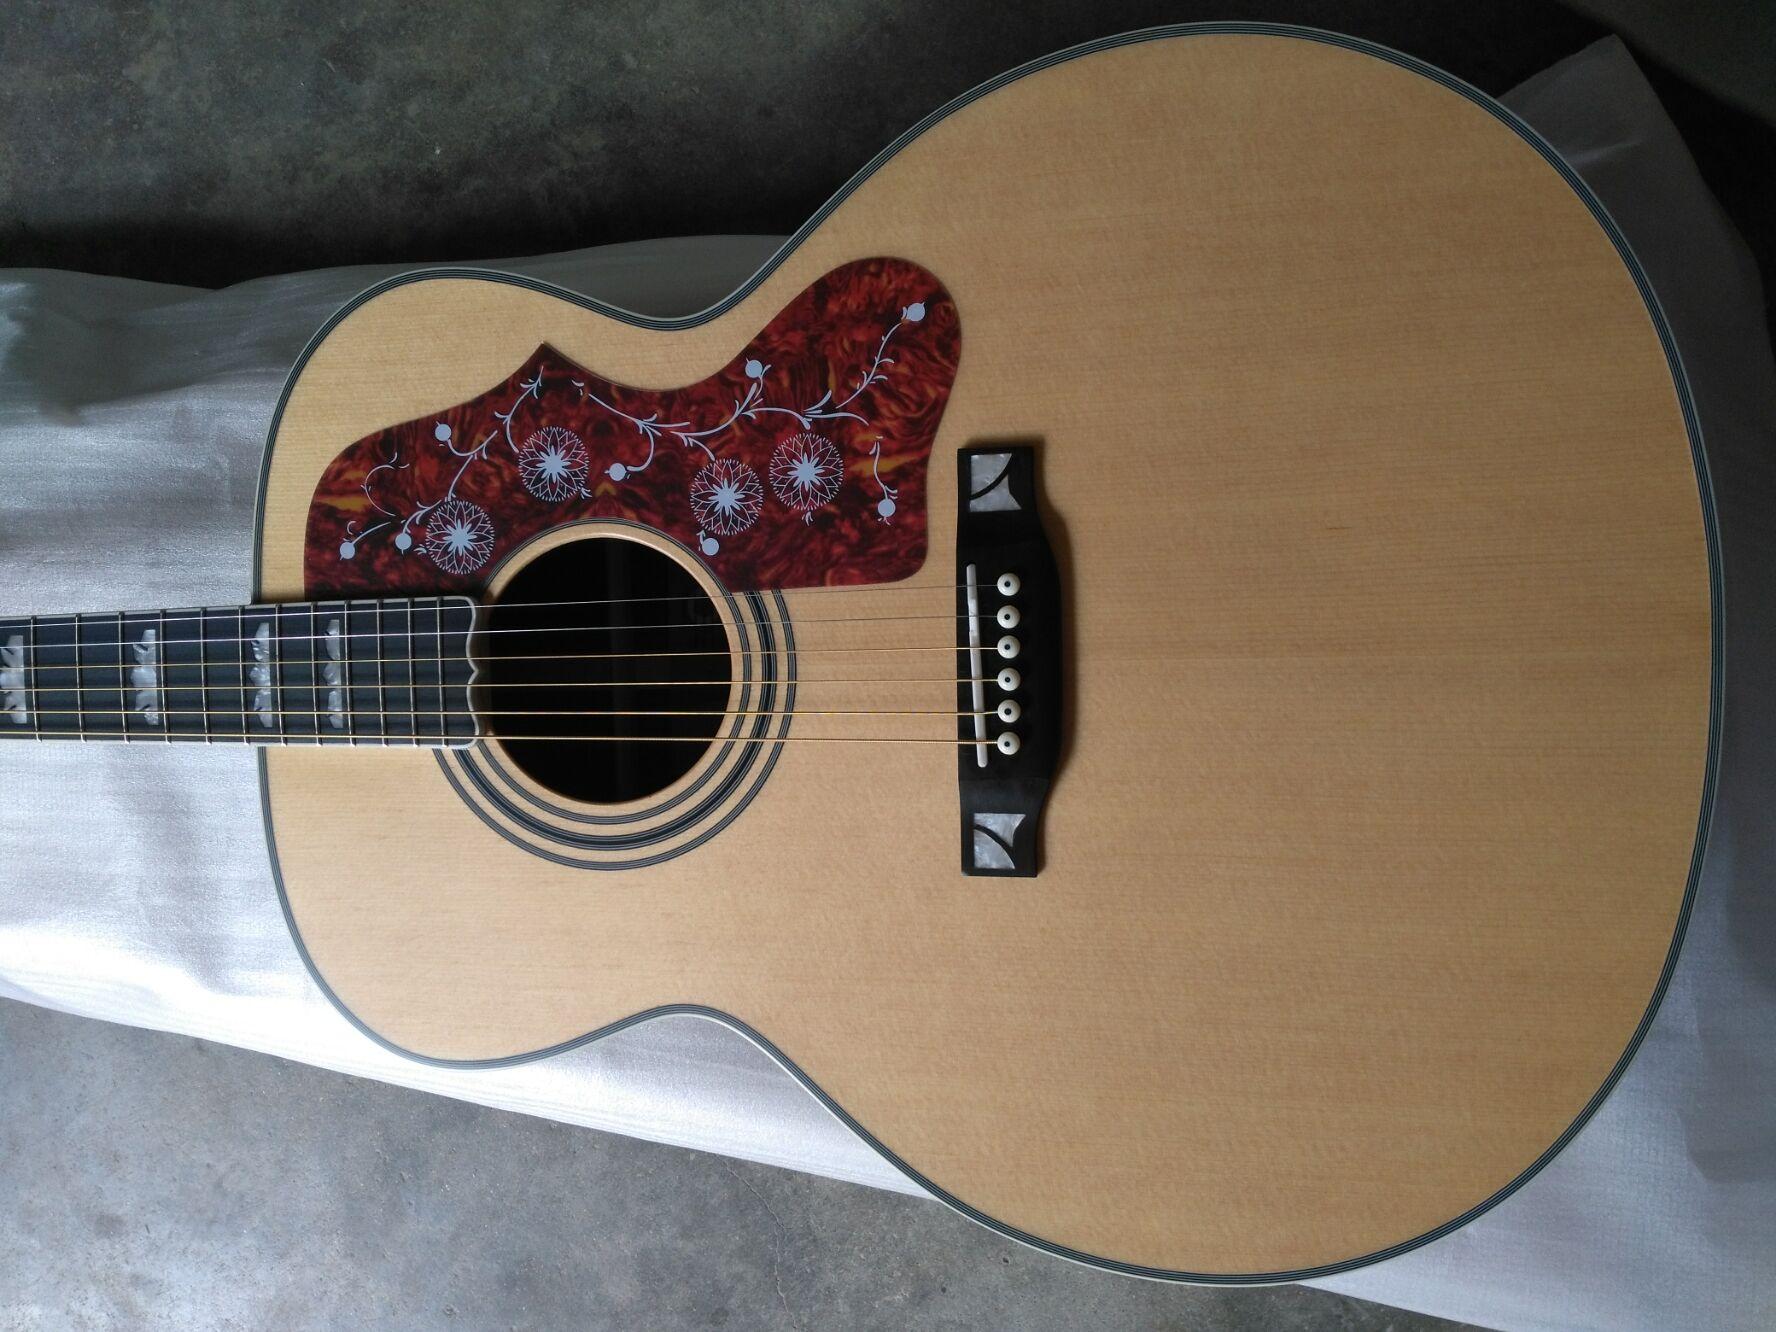 Livraison gratuite ébène fretboard une pièce cou satin finition jumbo corps SJ200 style guitare électrique acoustique guitarra